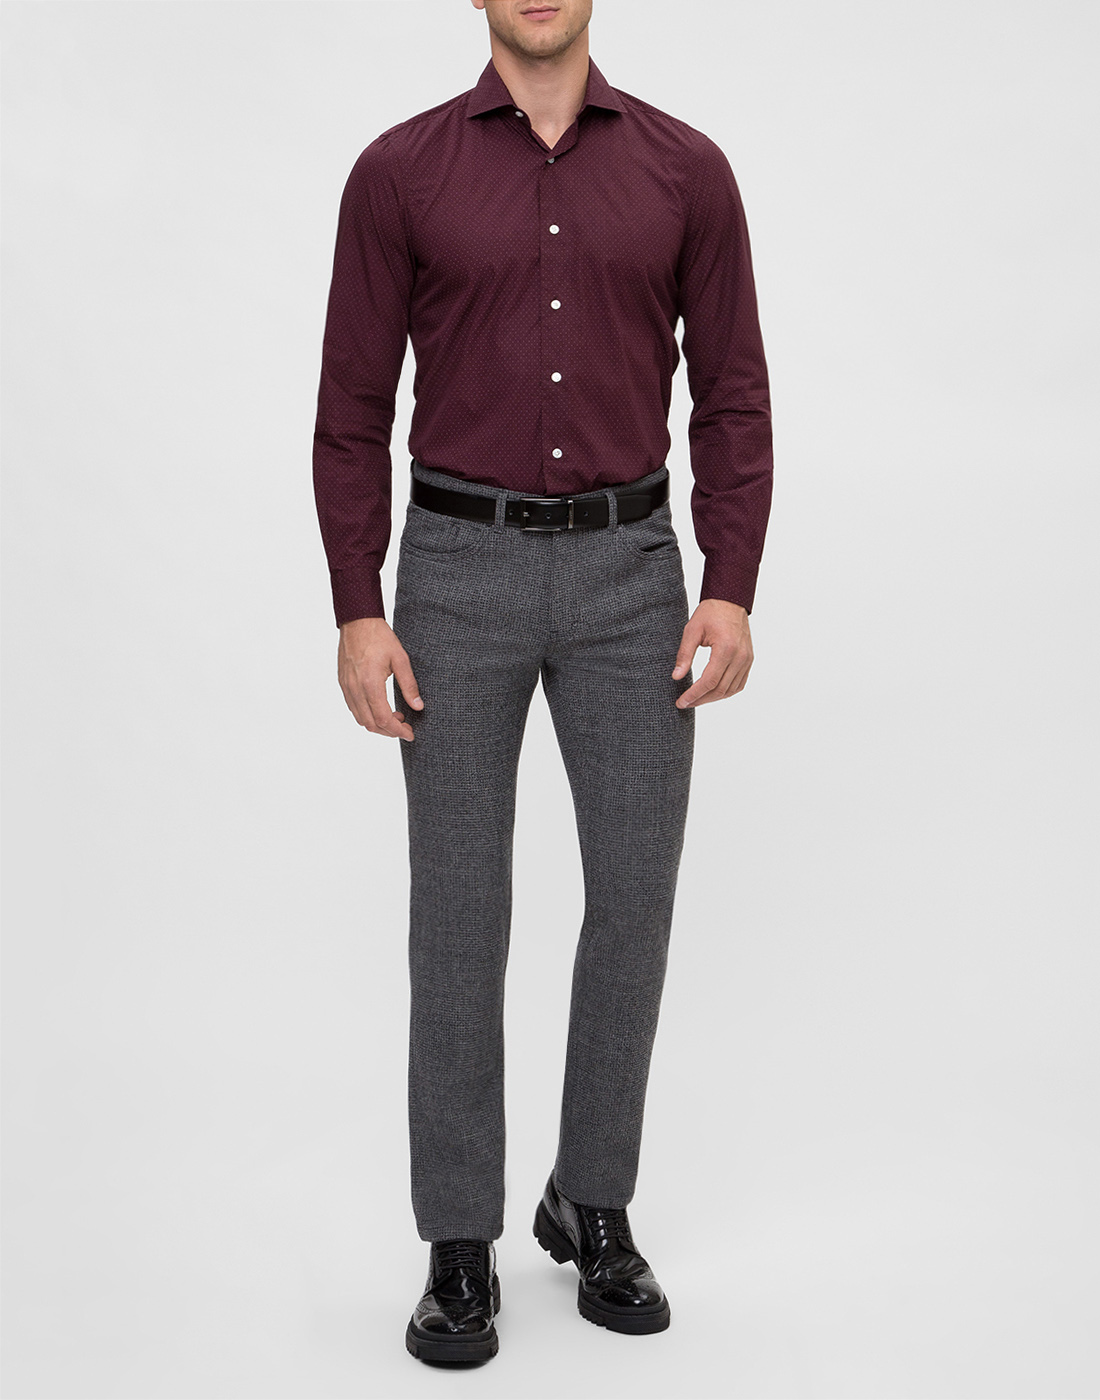 Мужская бордовая рубашка в горошек Barba S554902U-5